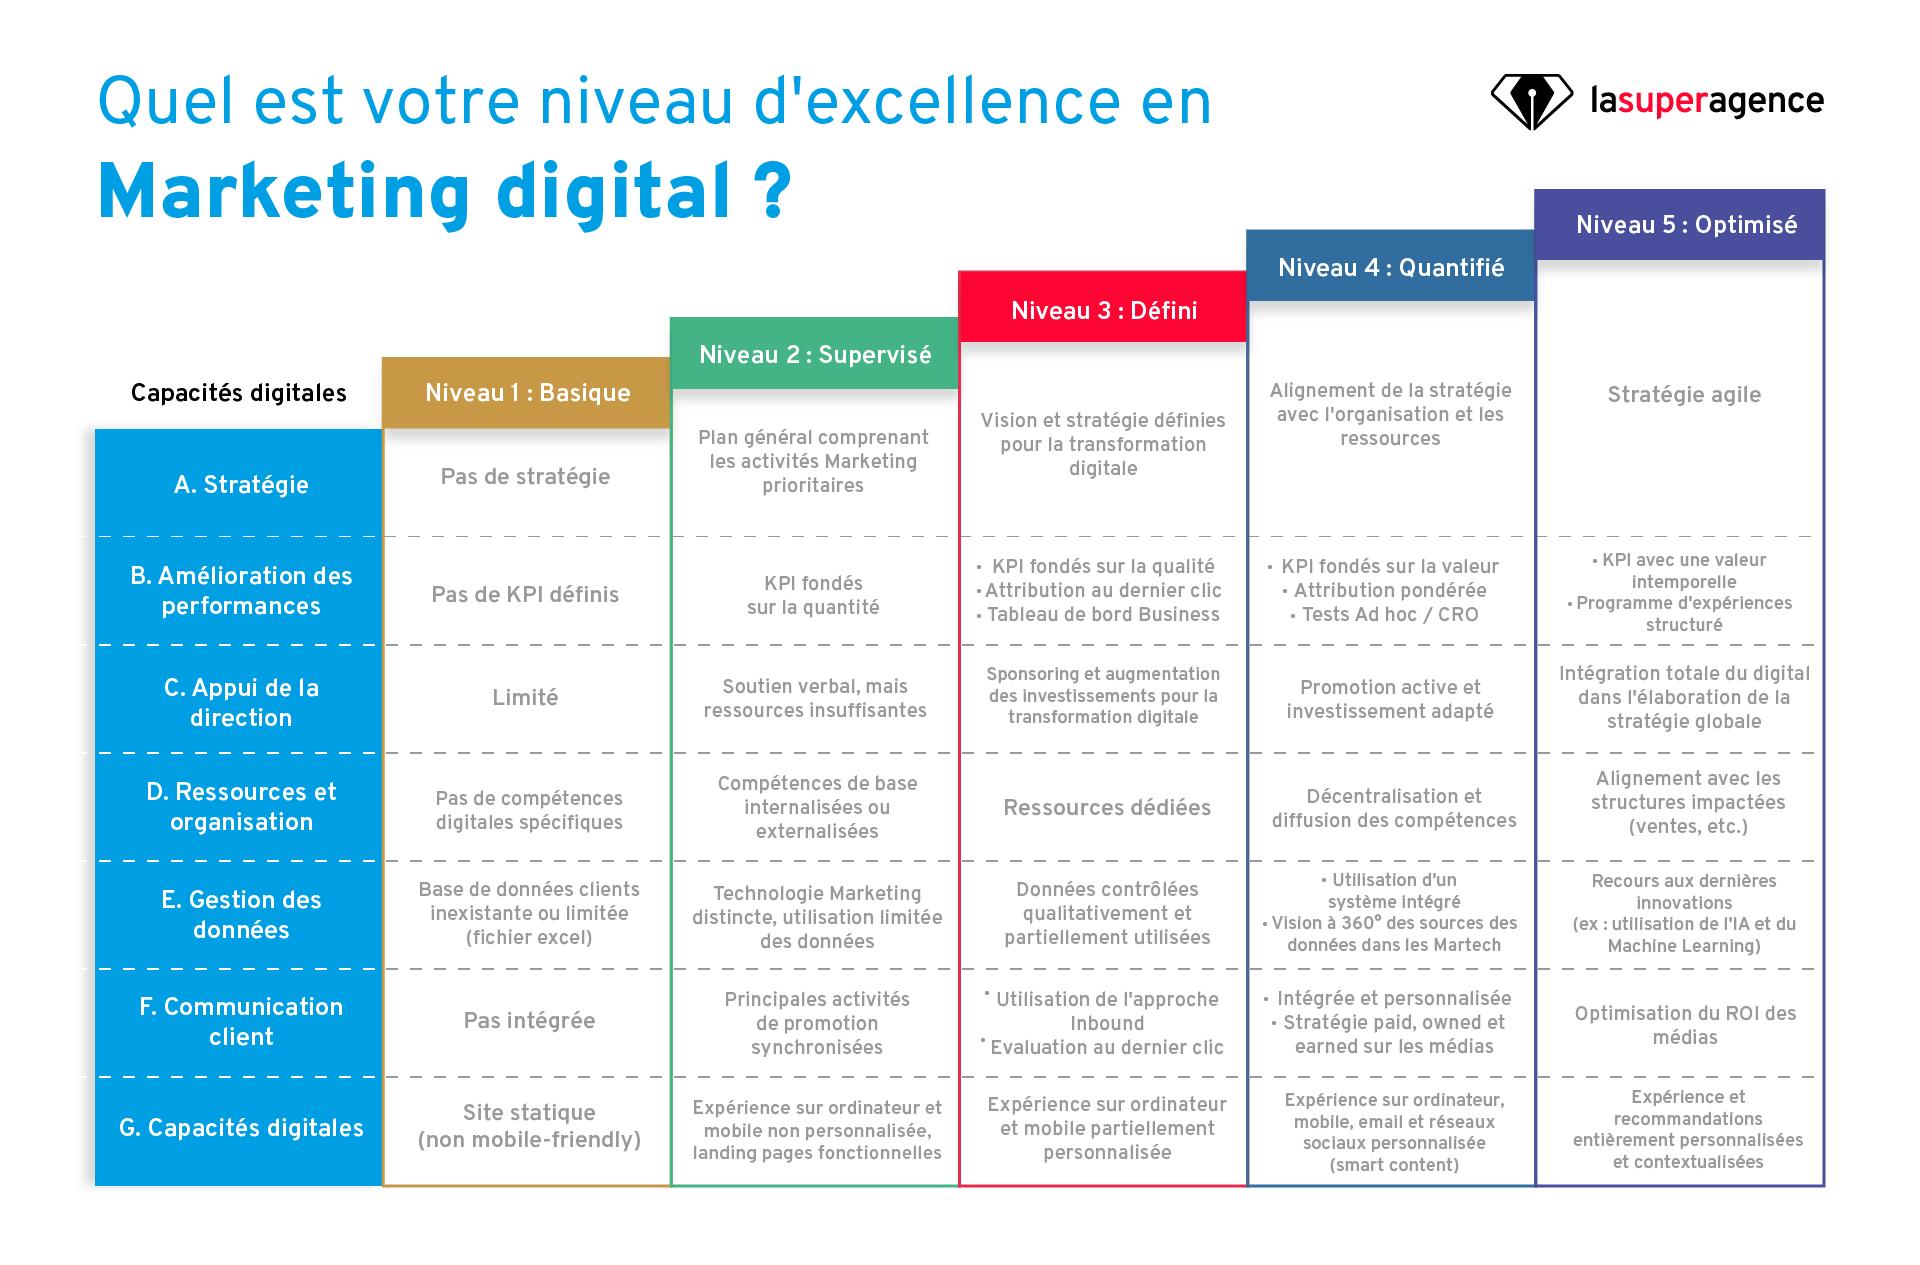 Quel est votre niveau d'excellence en Marketing digital ?